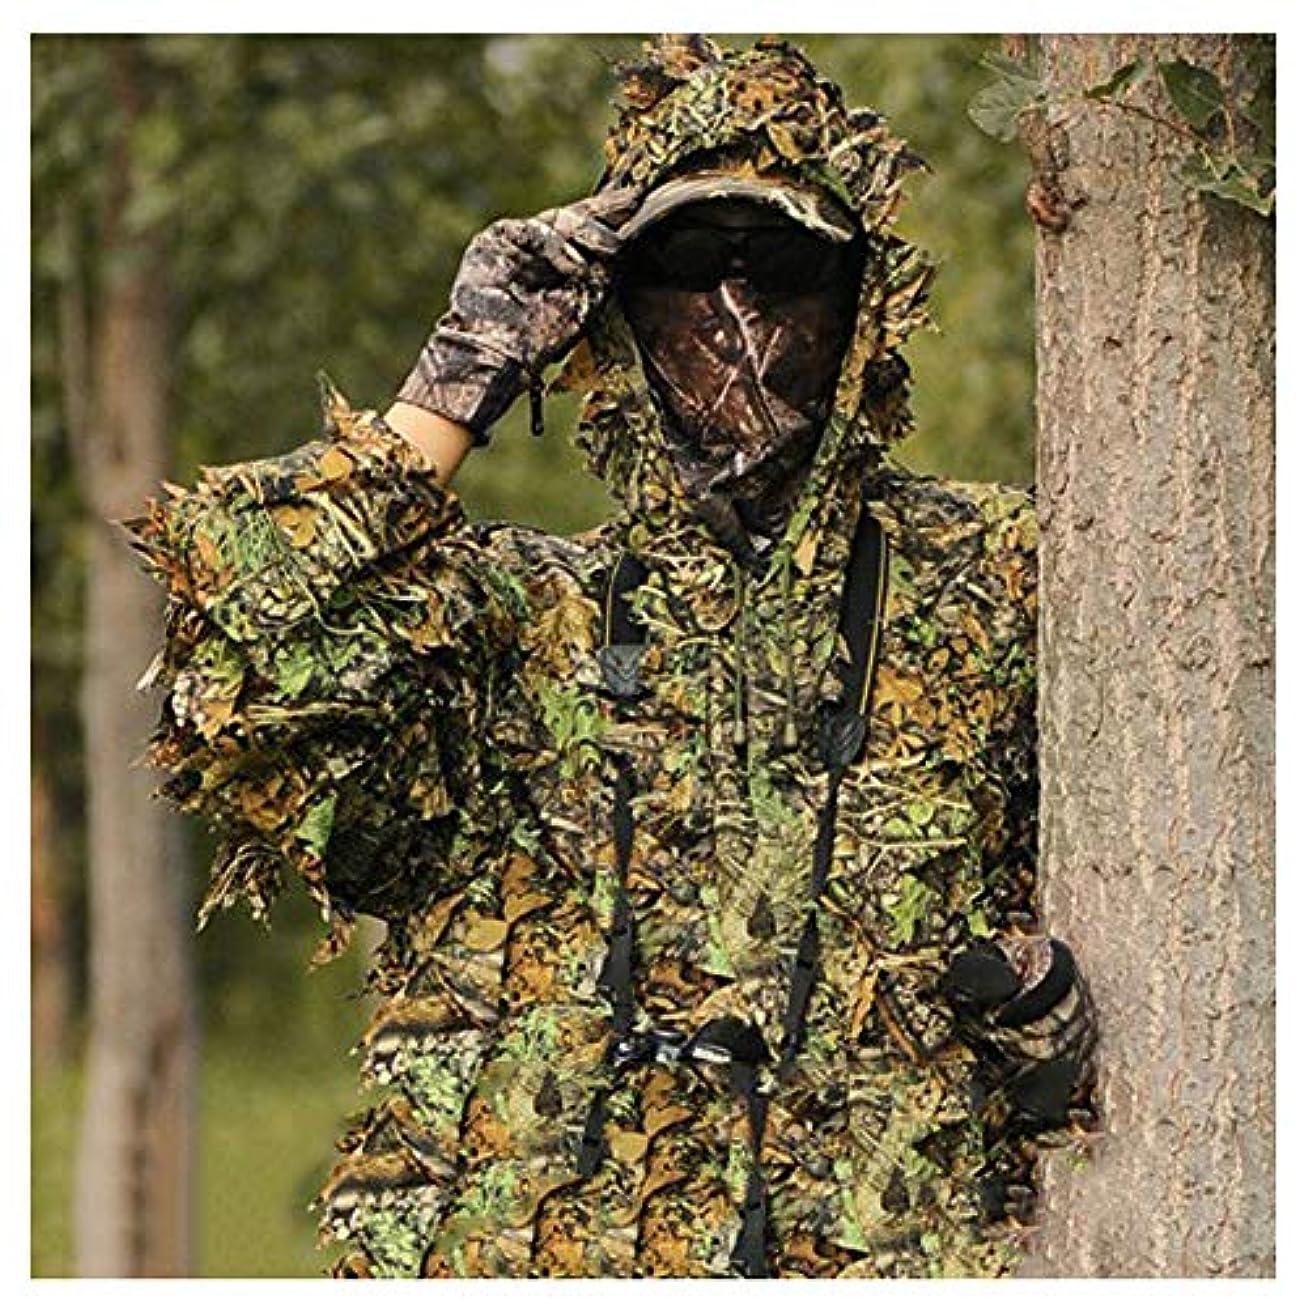 シェルターにおいパイルカモフラージュカモ岬、3Dスーツ、スナイプ待ち伏せに適した森林軍隊シューティングハンティング写真、ジャングルカラー